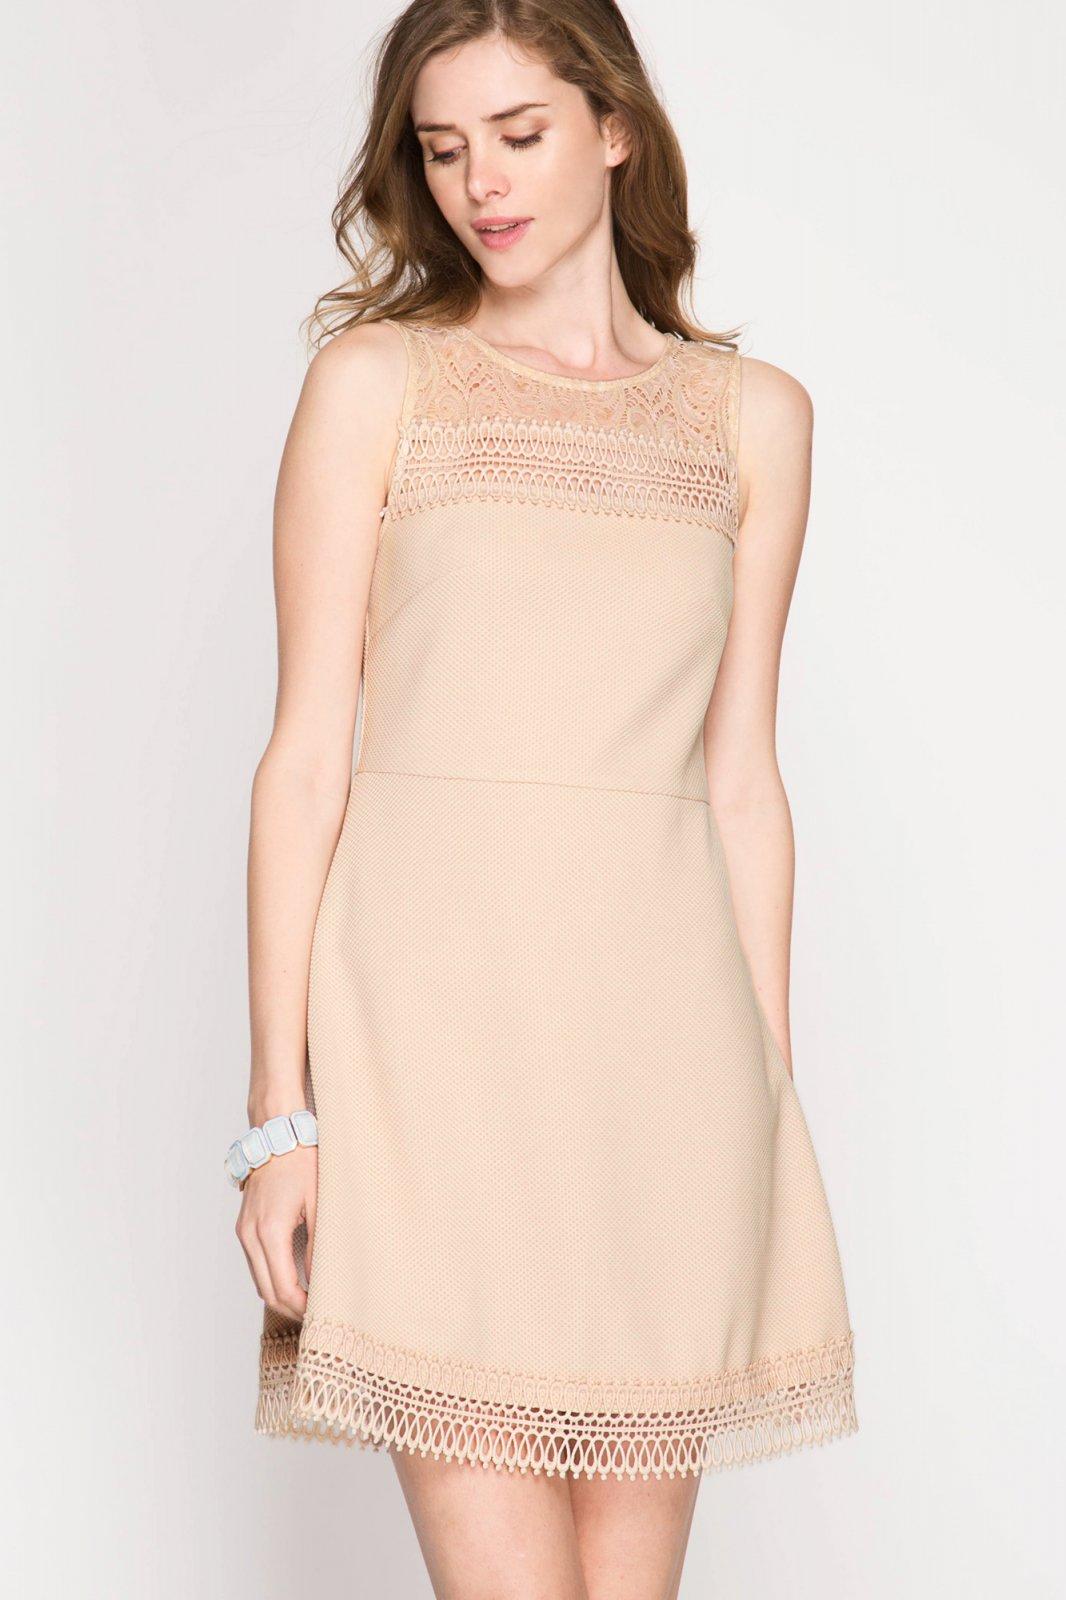 Dress - Embroidered * Jr / Ms / Adult PT